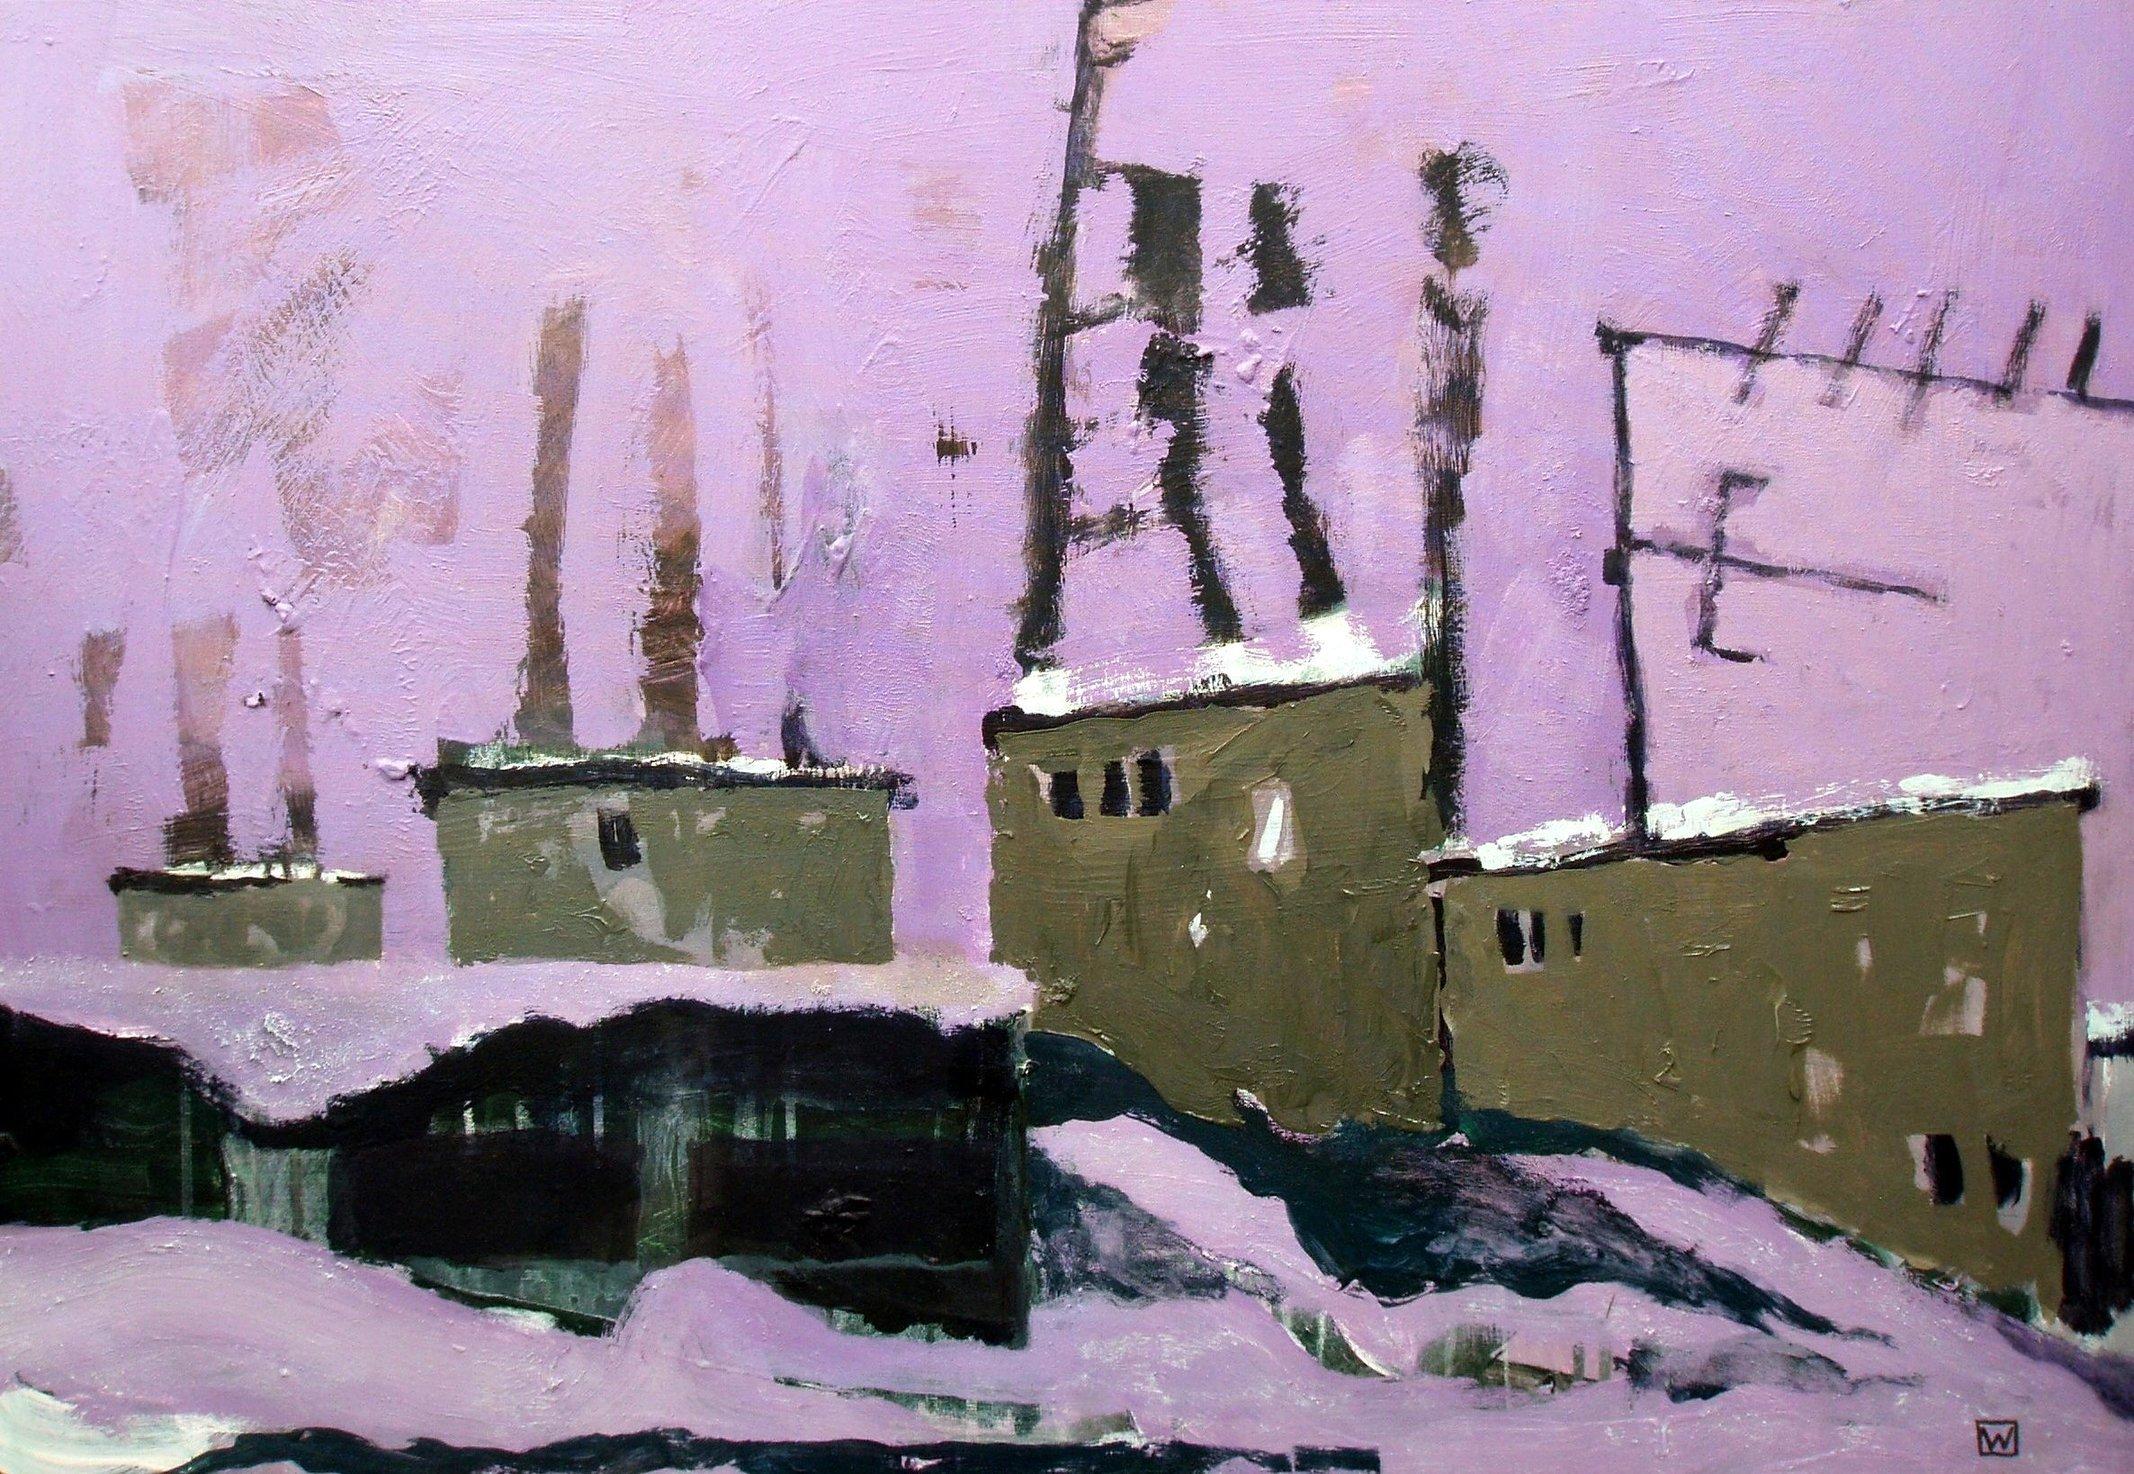 Zimowa jasna noc 64x91 akryl olej płótno